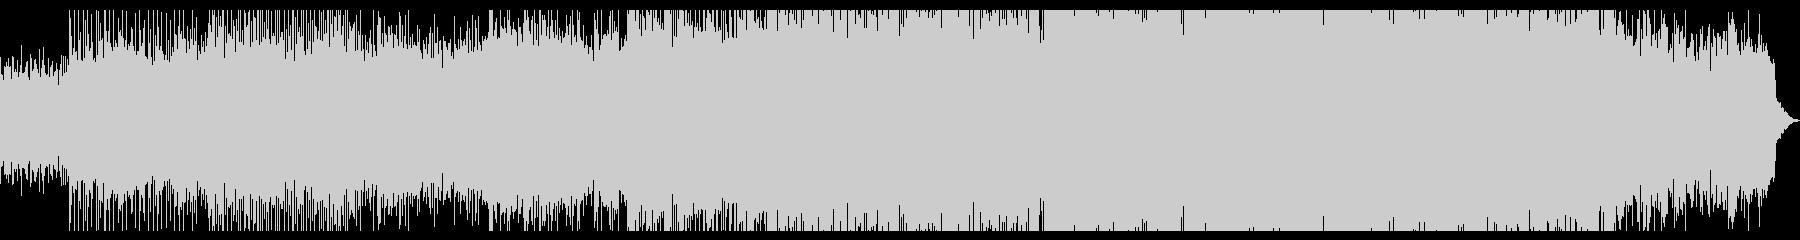 インディーロック ポップロック ア...の未再生の波形